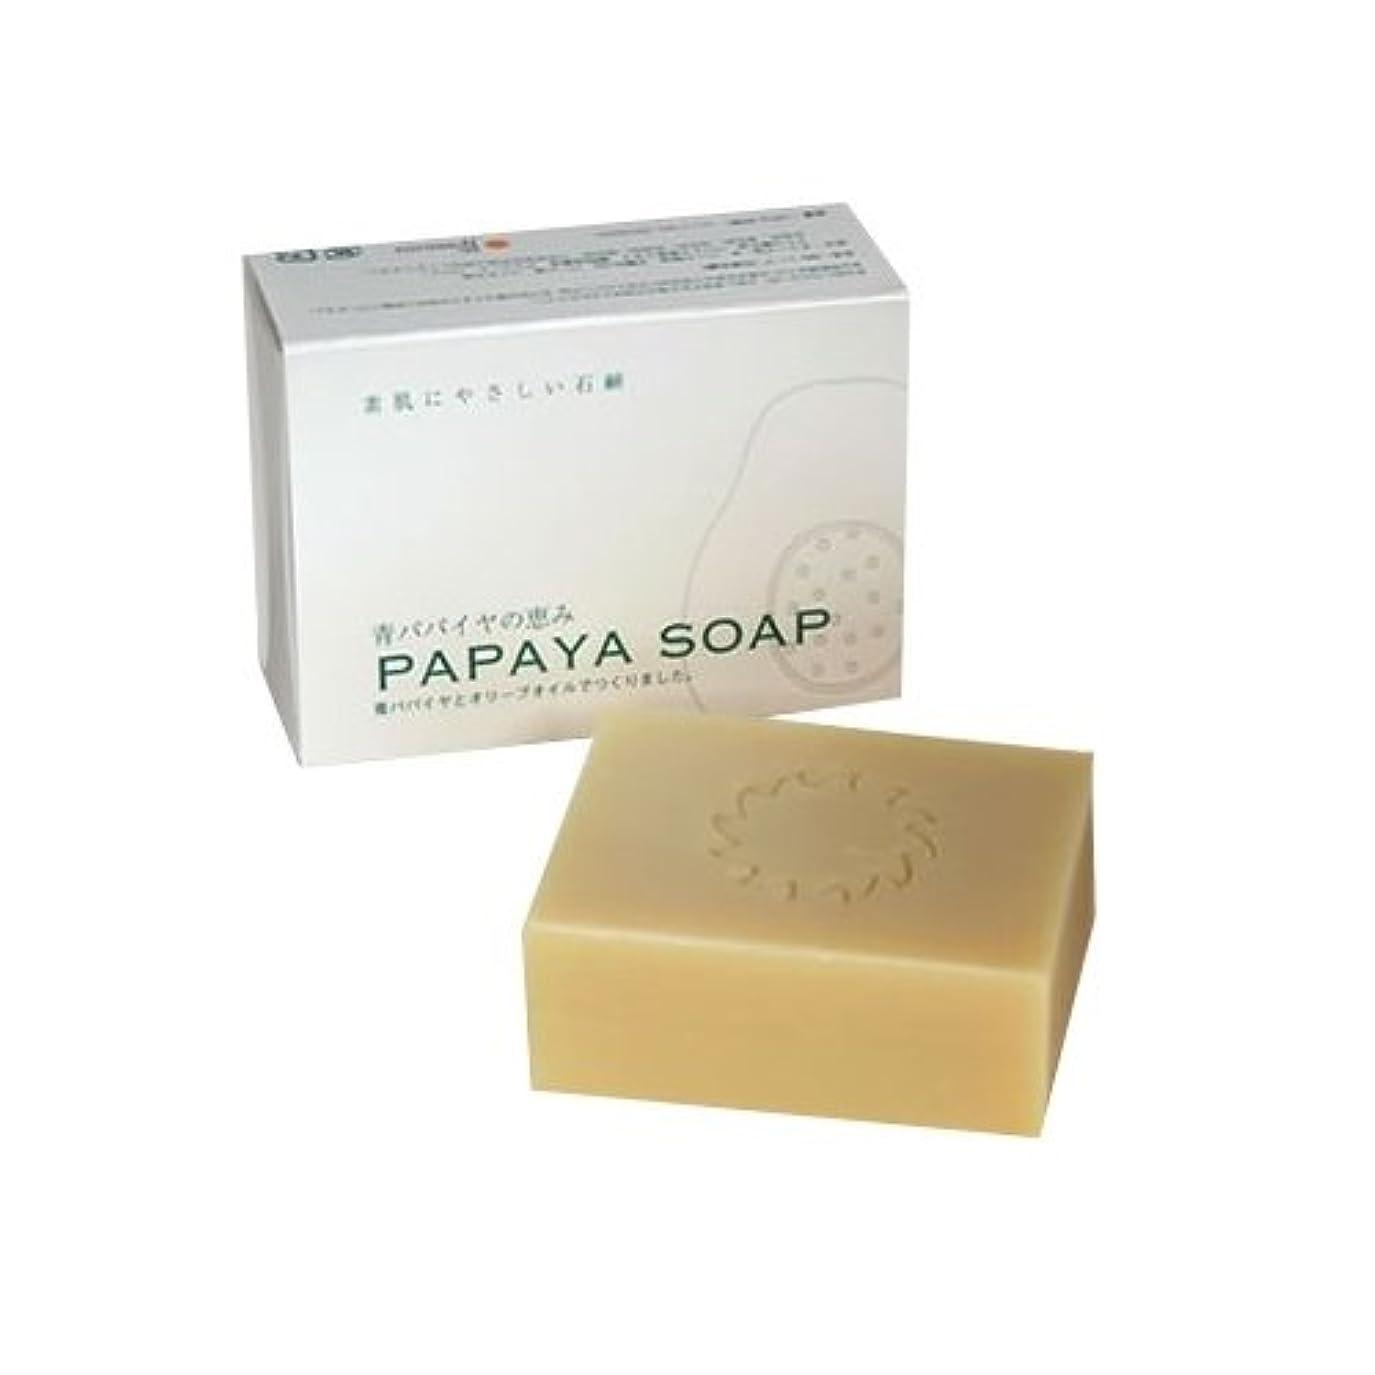 効能本を読む面積青パパイヤの恵み PAPAYA SOAP(パパイヤソープ) 100g